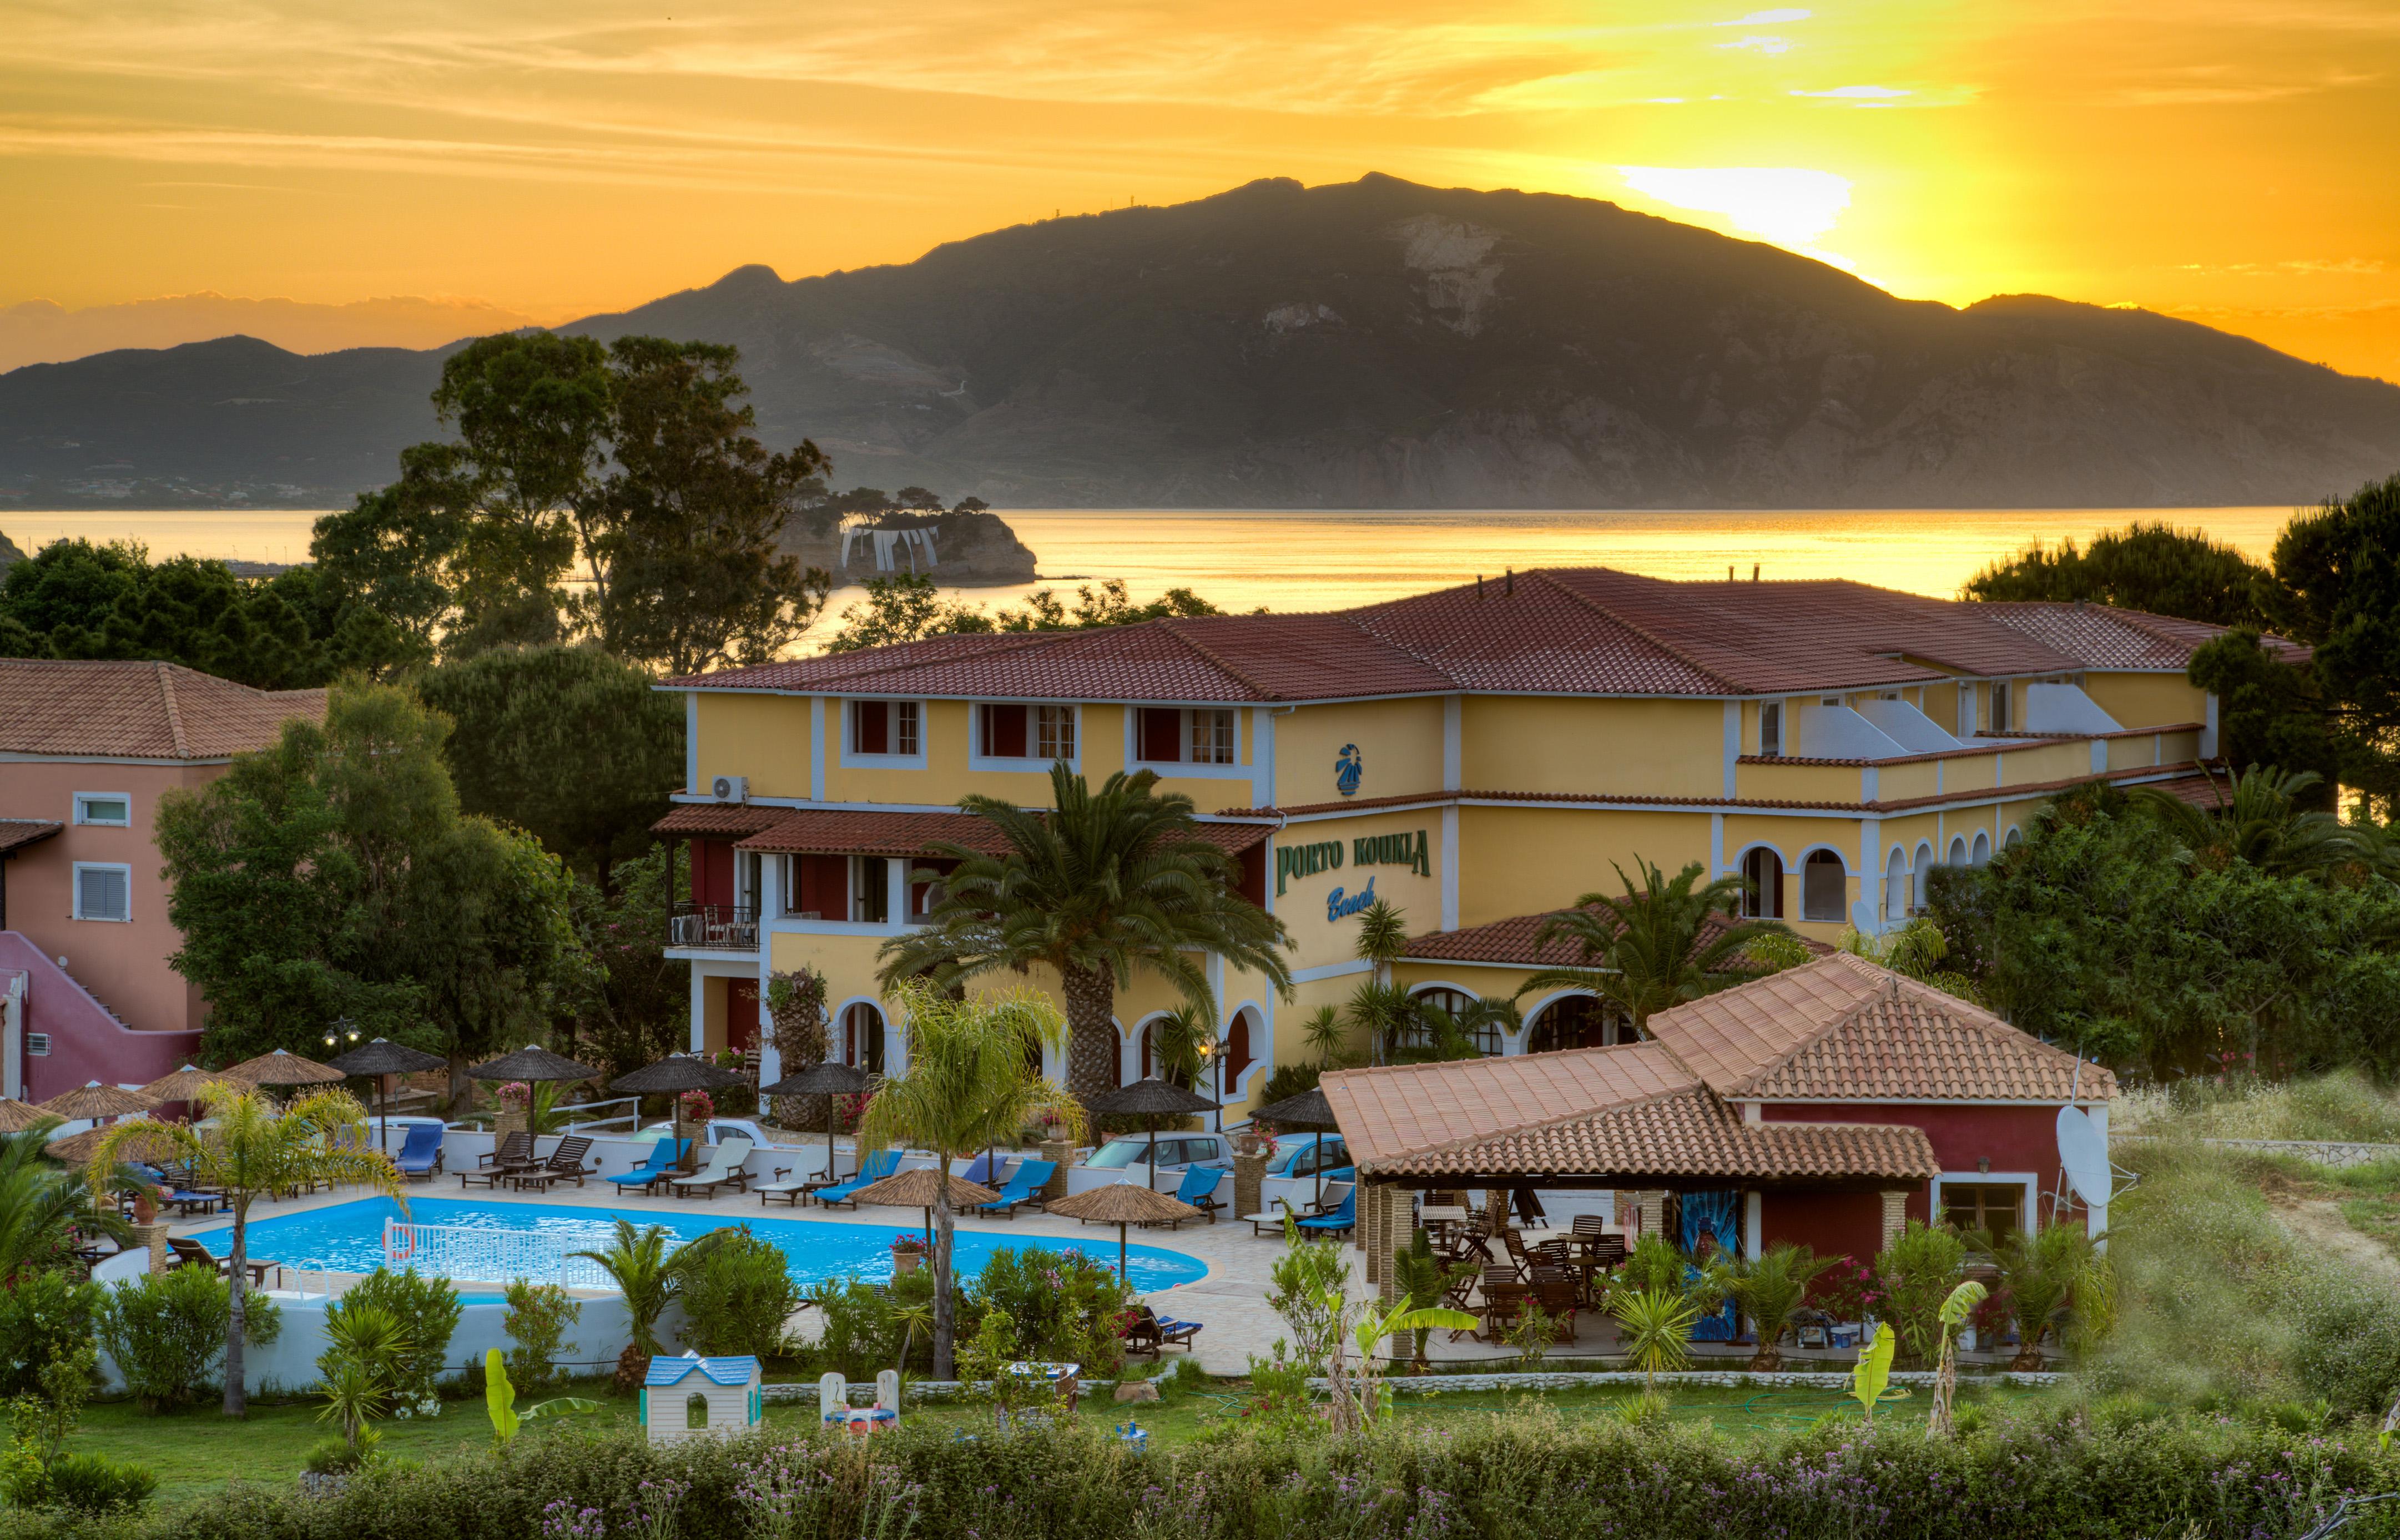 Porto Koukla Hotel General View